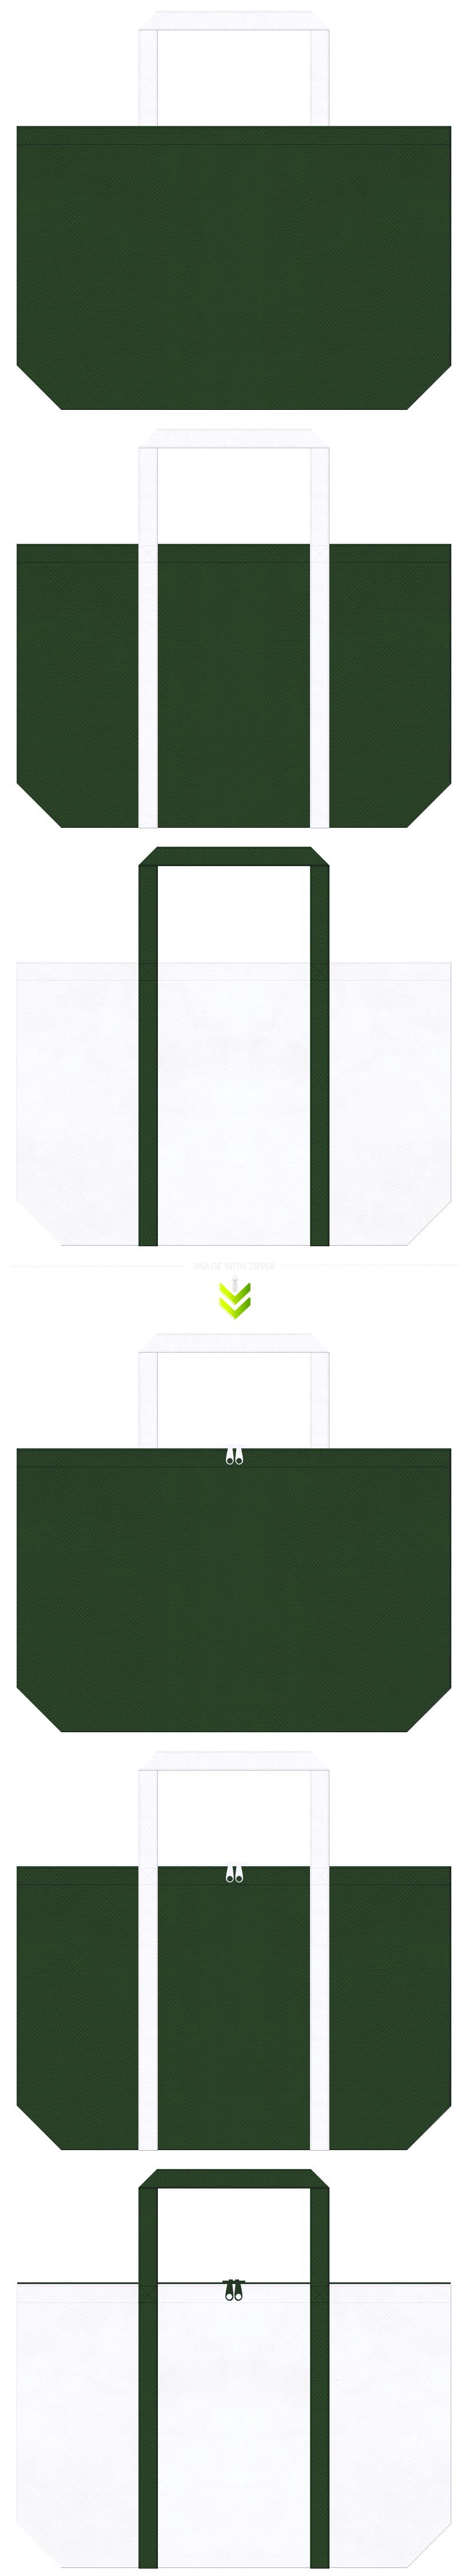 ナンバープレート・救急用品・医薬品・安全用品・住宅展示場のエコバッグにお奨めの不織布バッグデザイン:濃緑色・深緑色と白色のコーデ